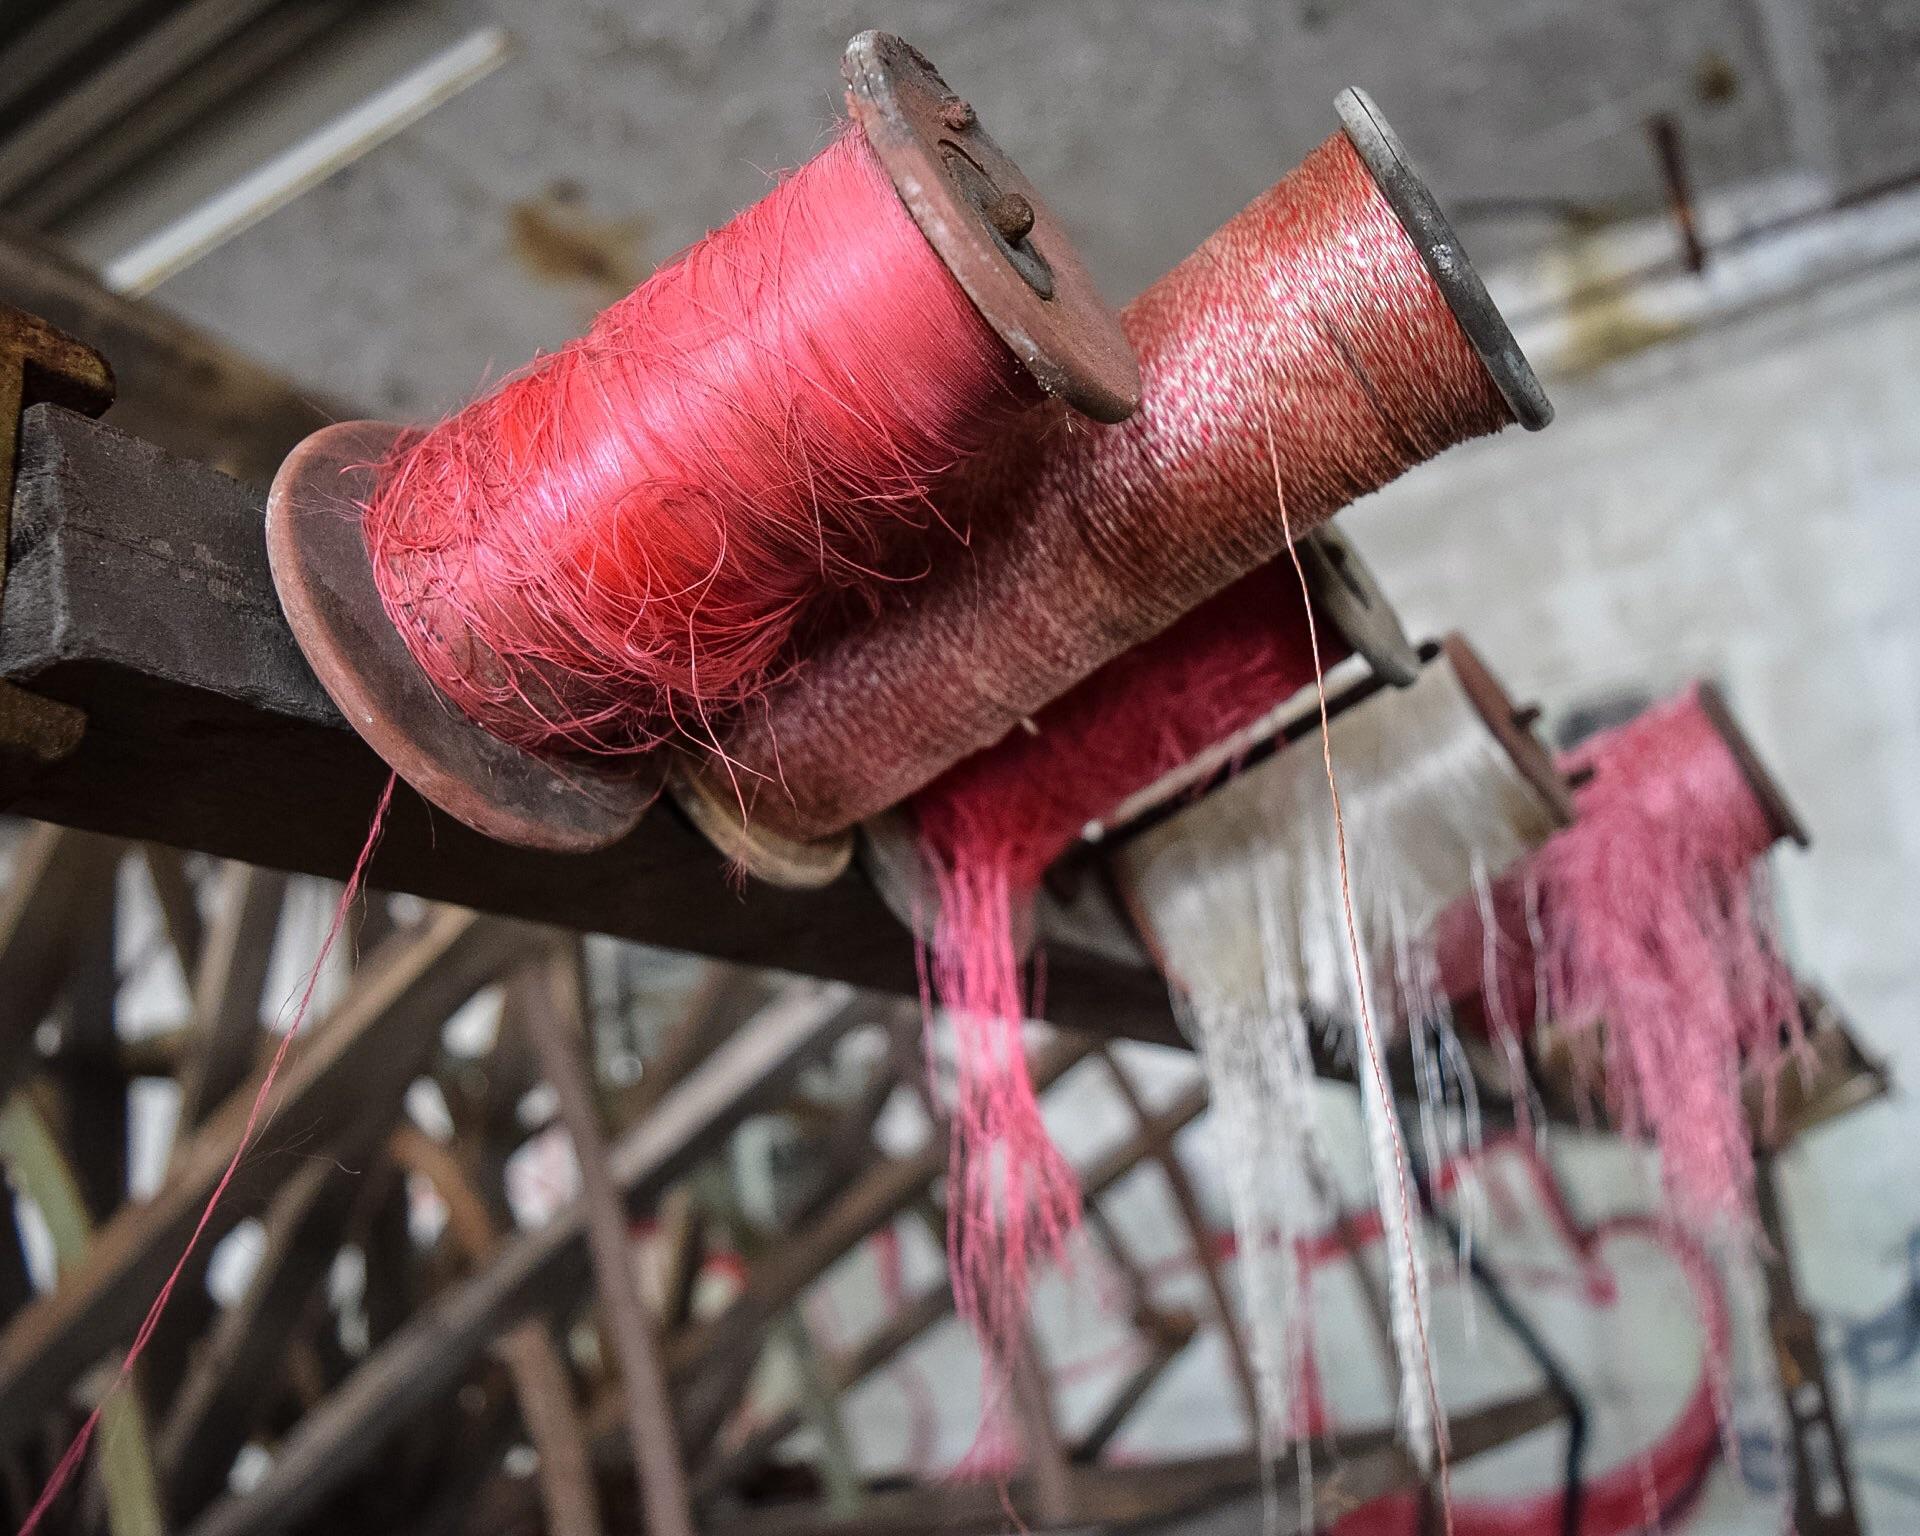 Fibers on the loom